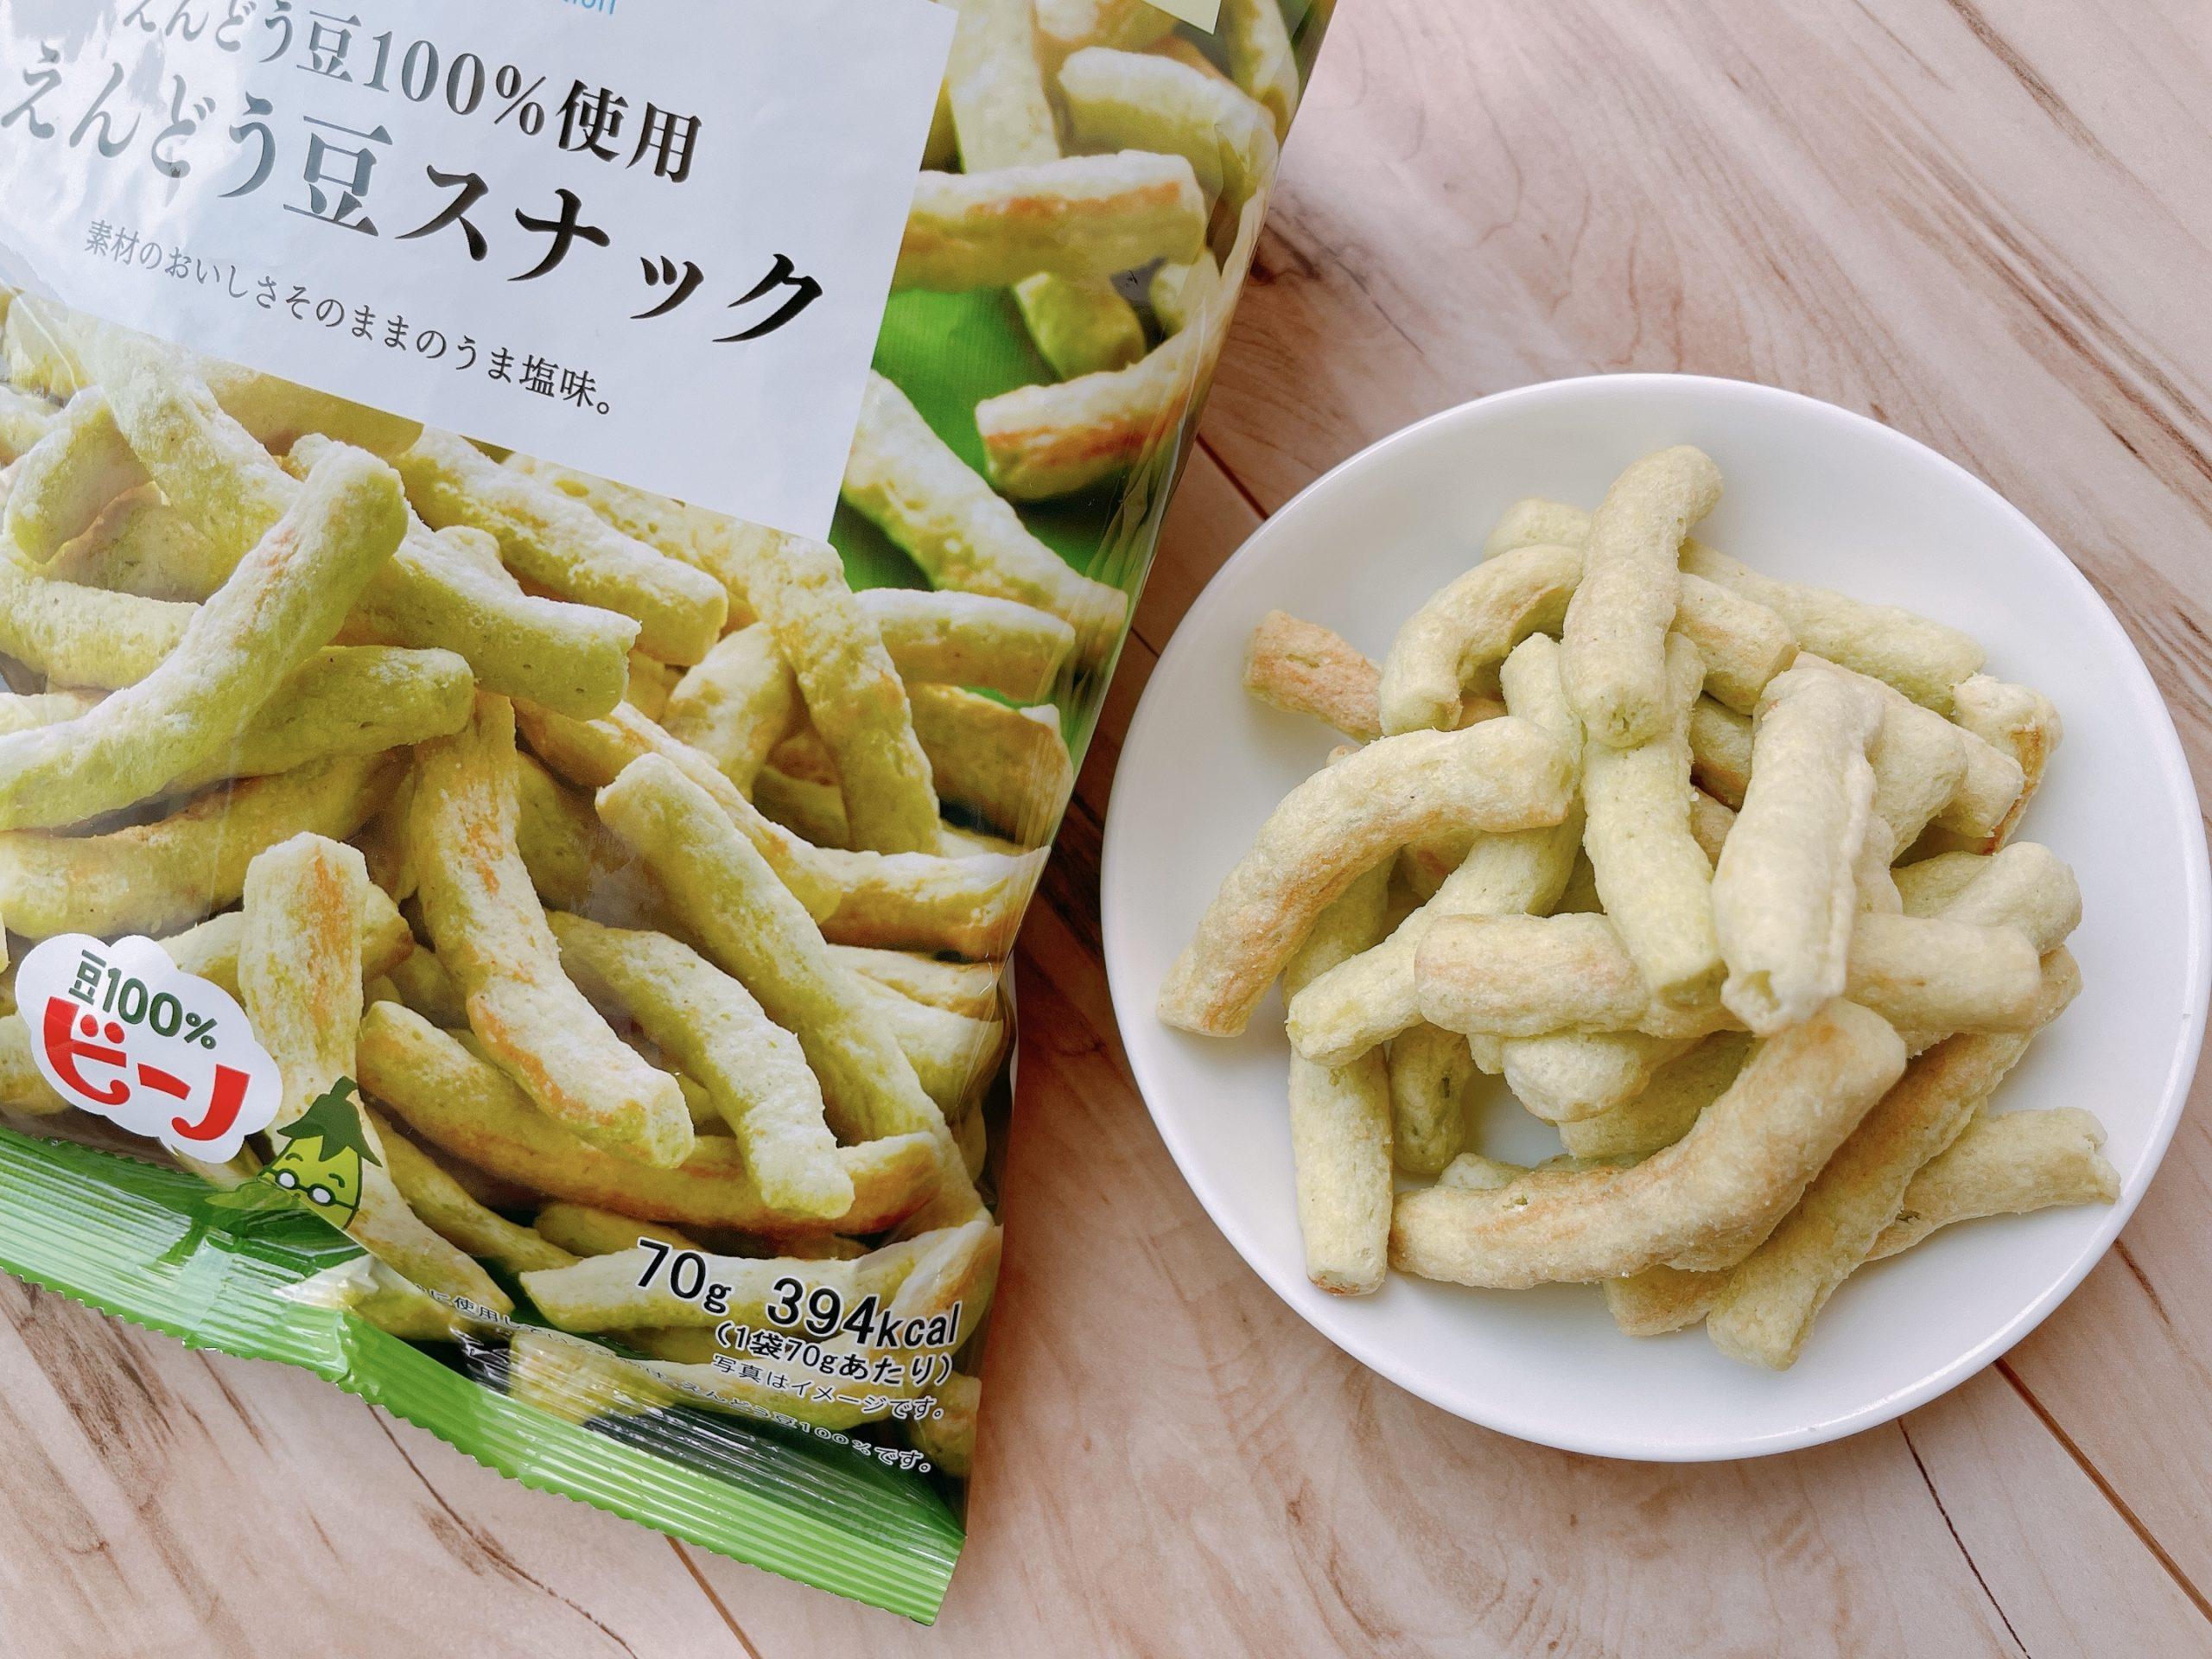 えんどう豆100%使用えんどう豆スナックは、口当たりが軽い